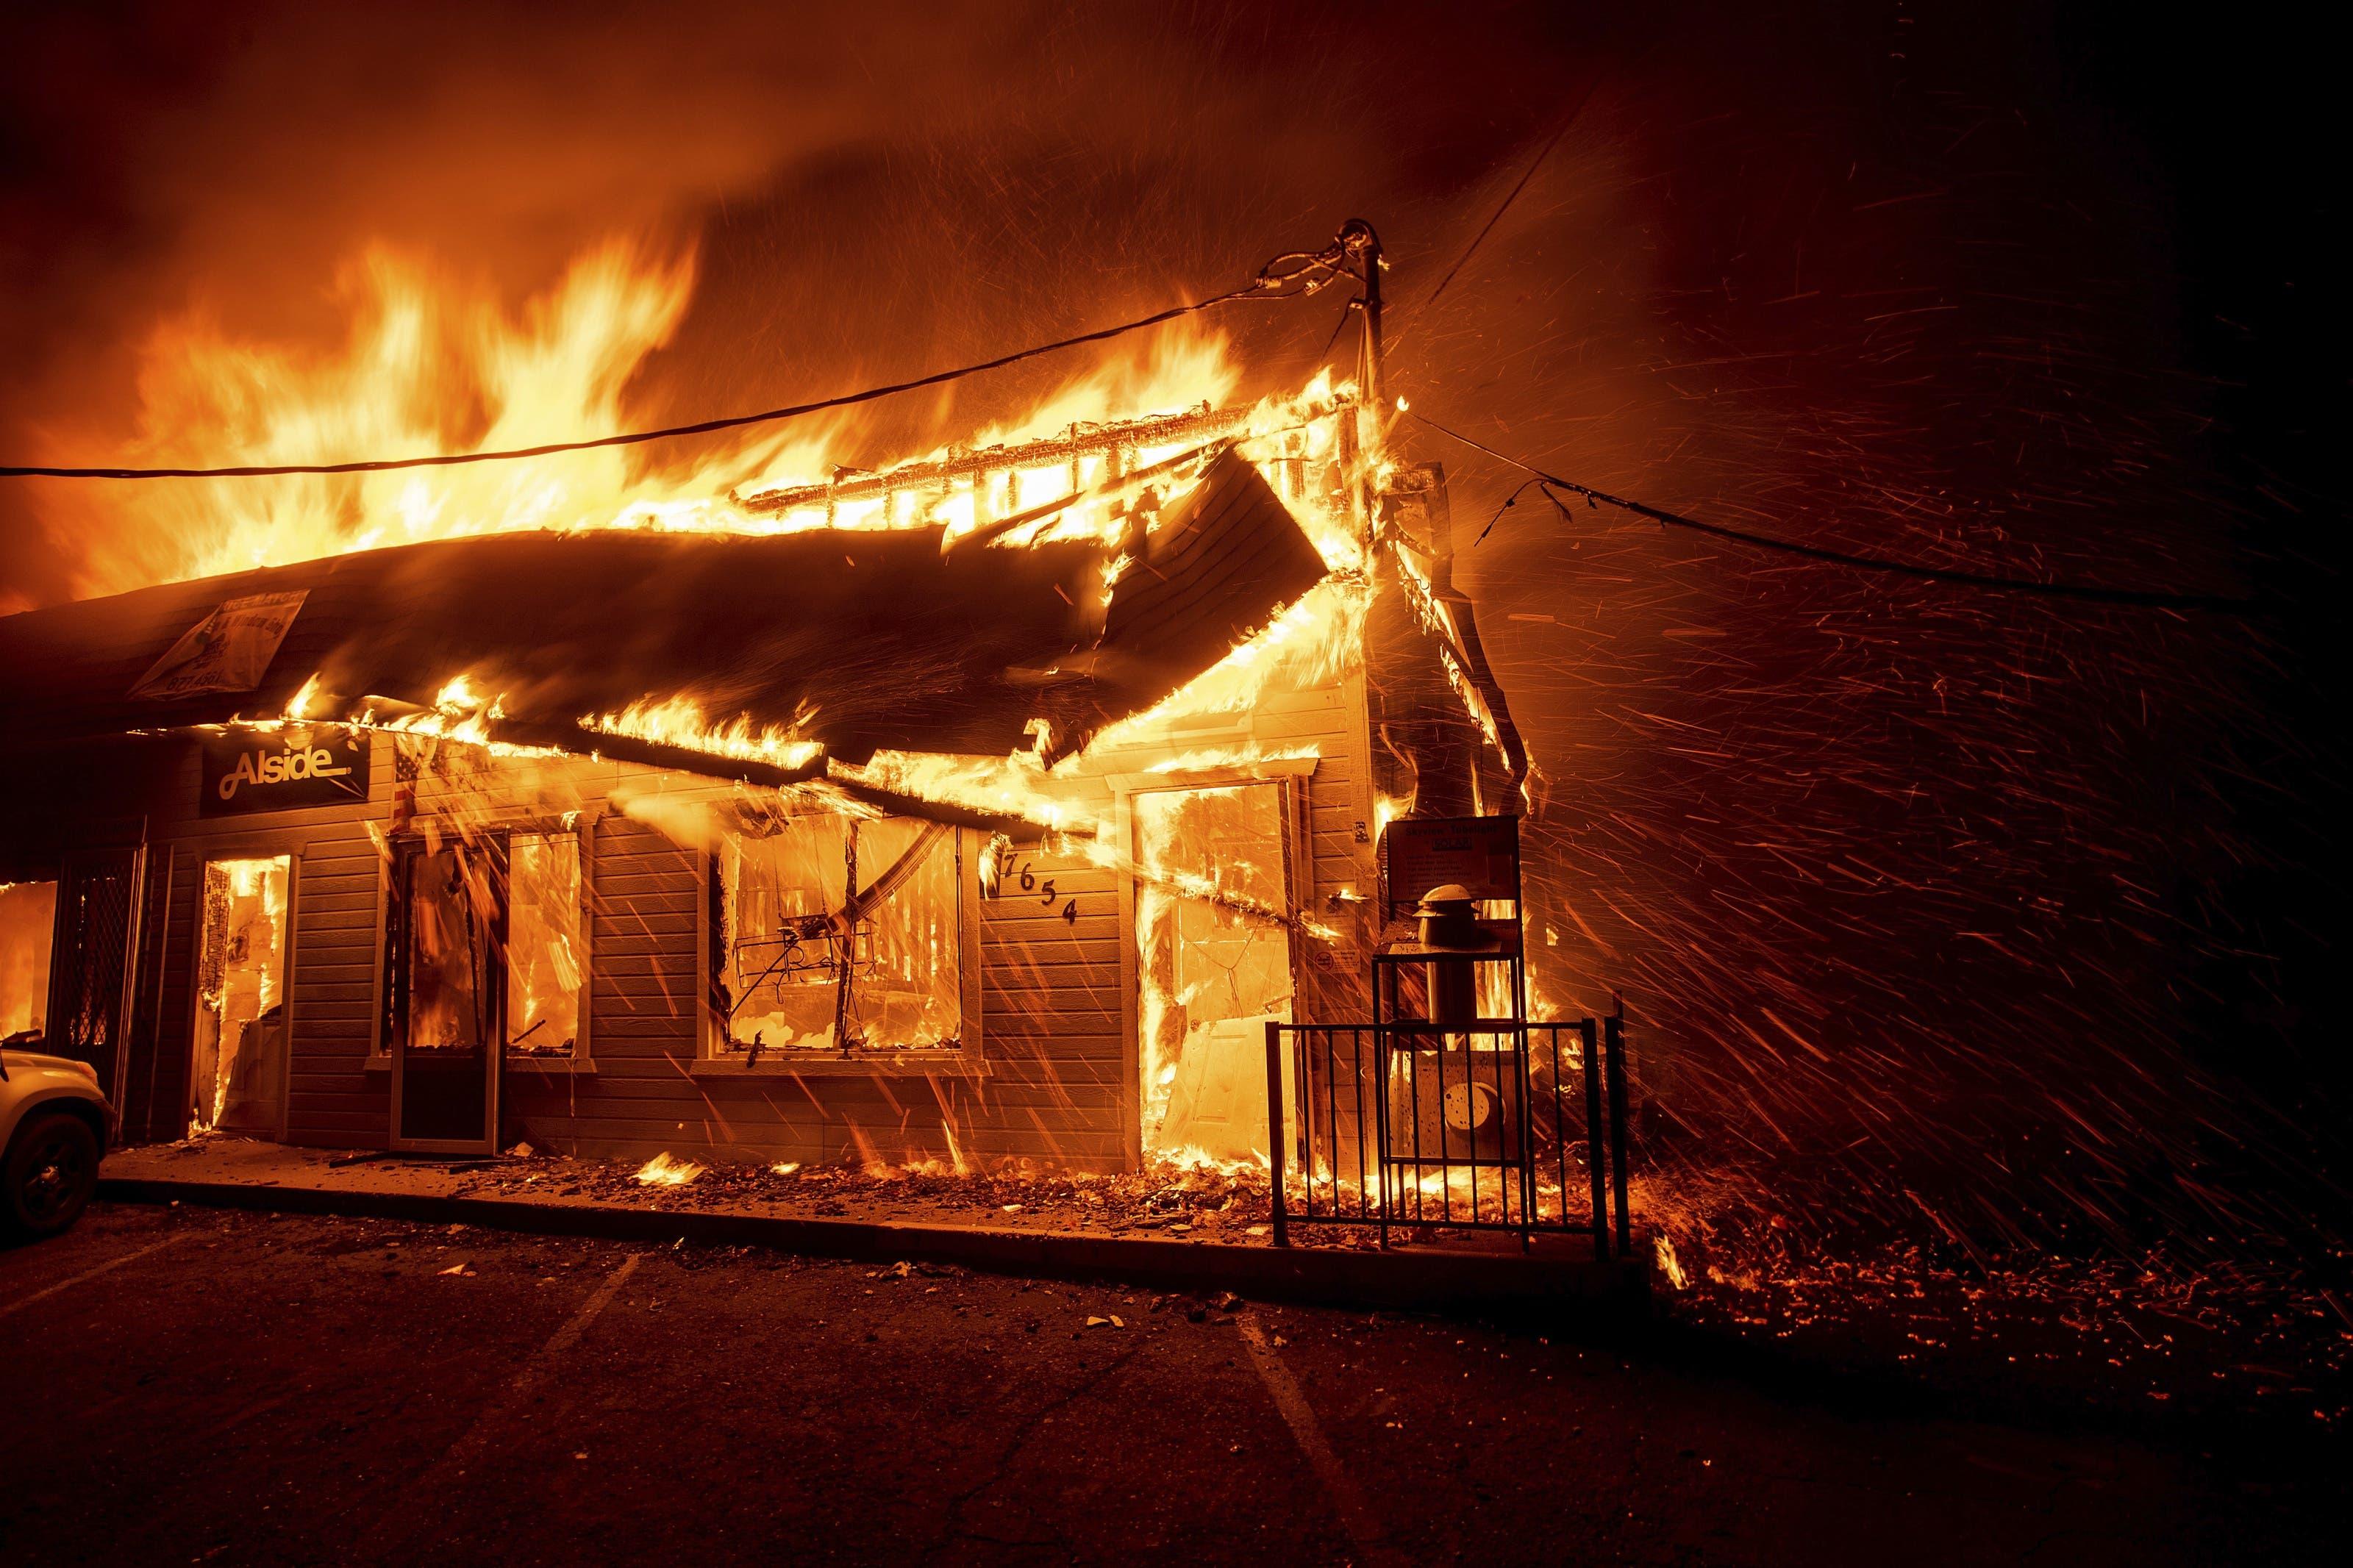 Ein sich rasend schnell ausbreitender Waldbrand im Norden Kaliforniens hat die Stadt Paradise fast vollständig zerstört.